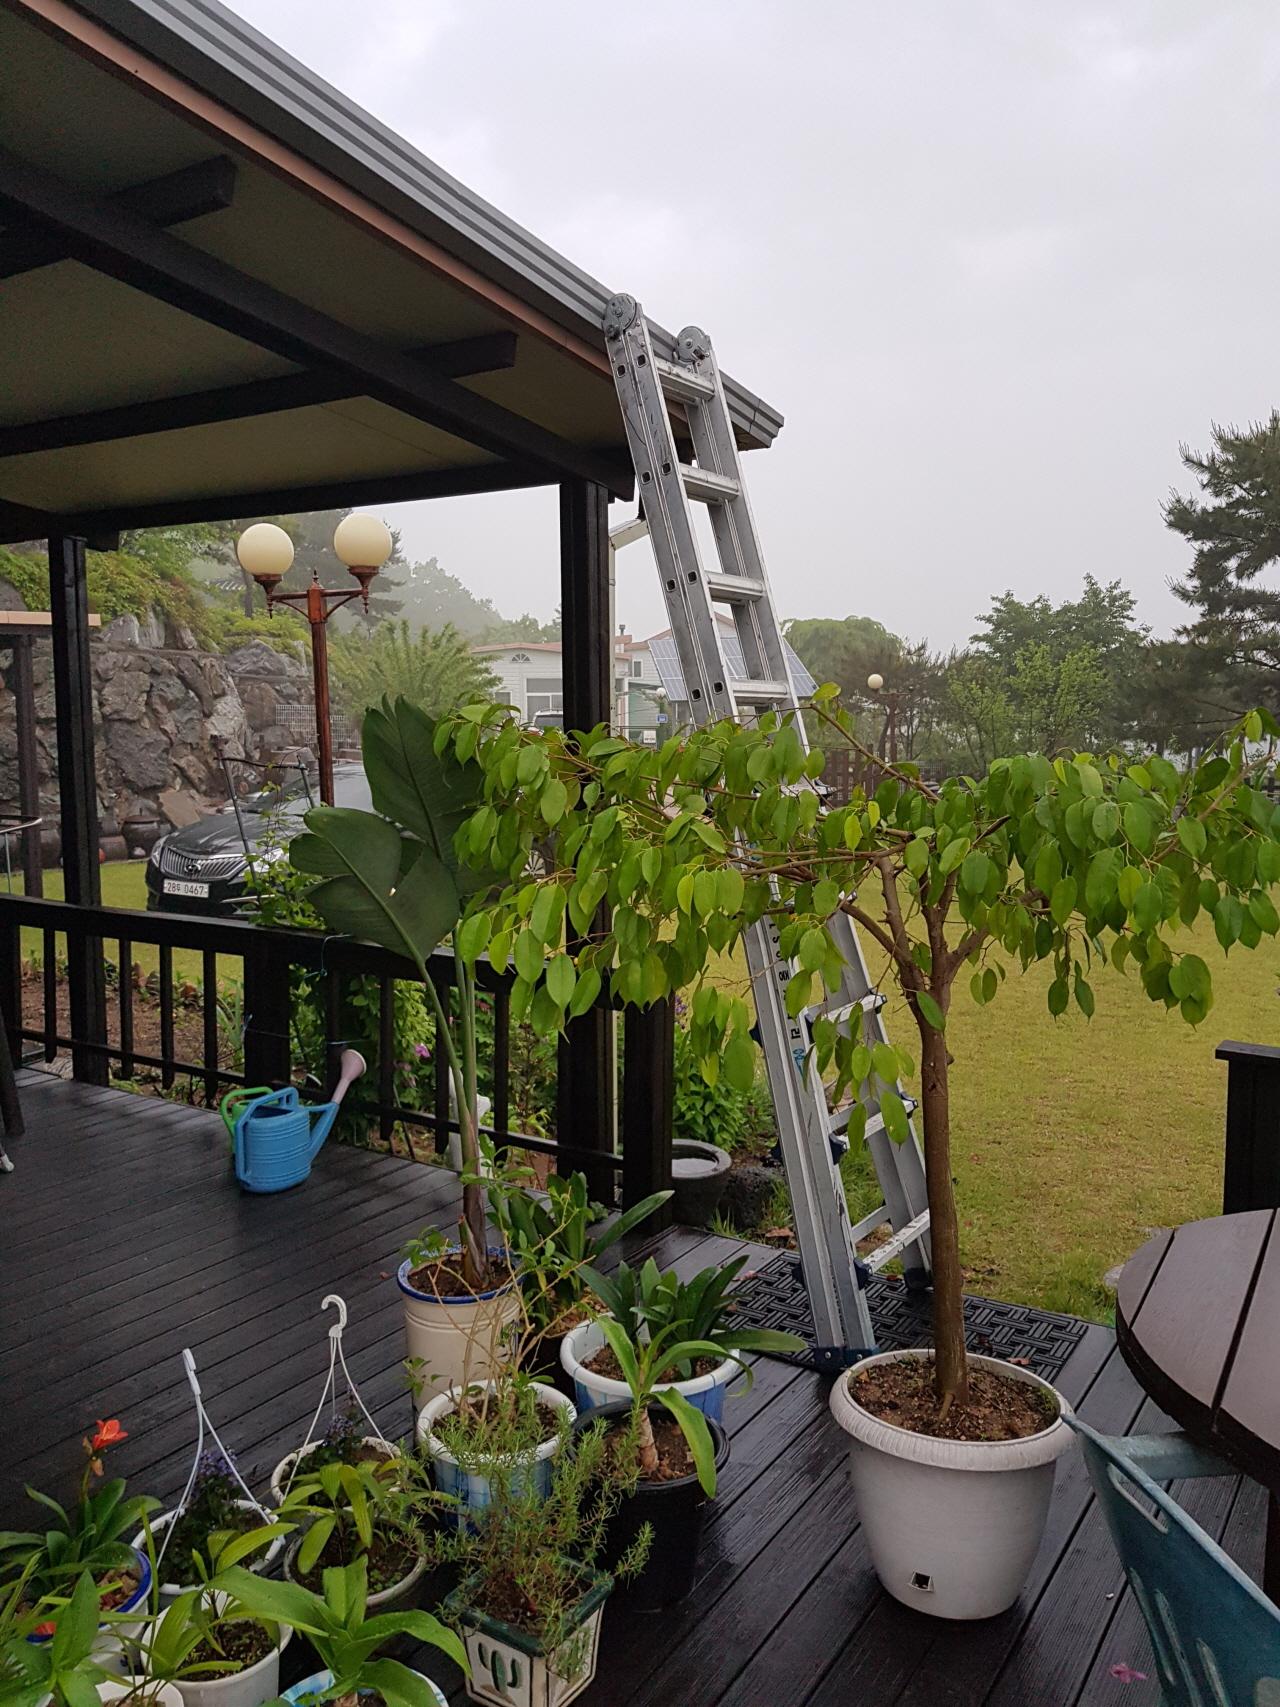 쏟아지는 폭우 속에서 지붕 홈통에 쌓인 낙엽을 거두어 냈다.